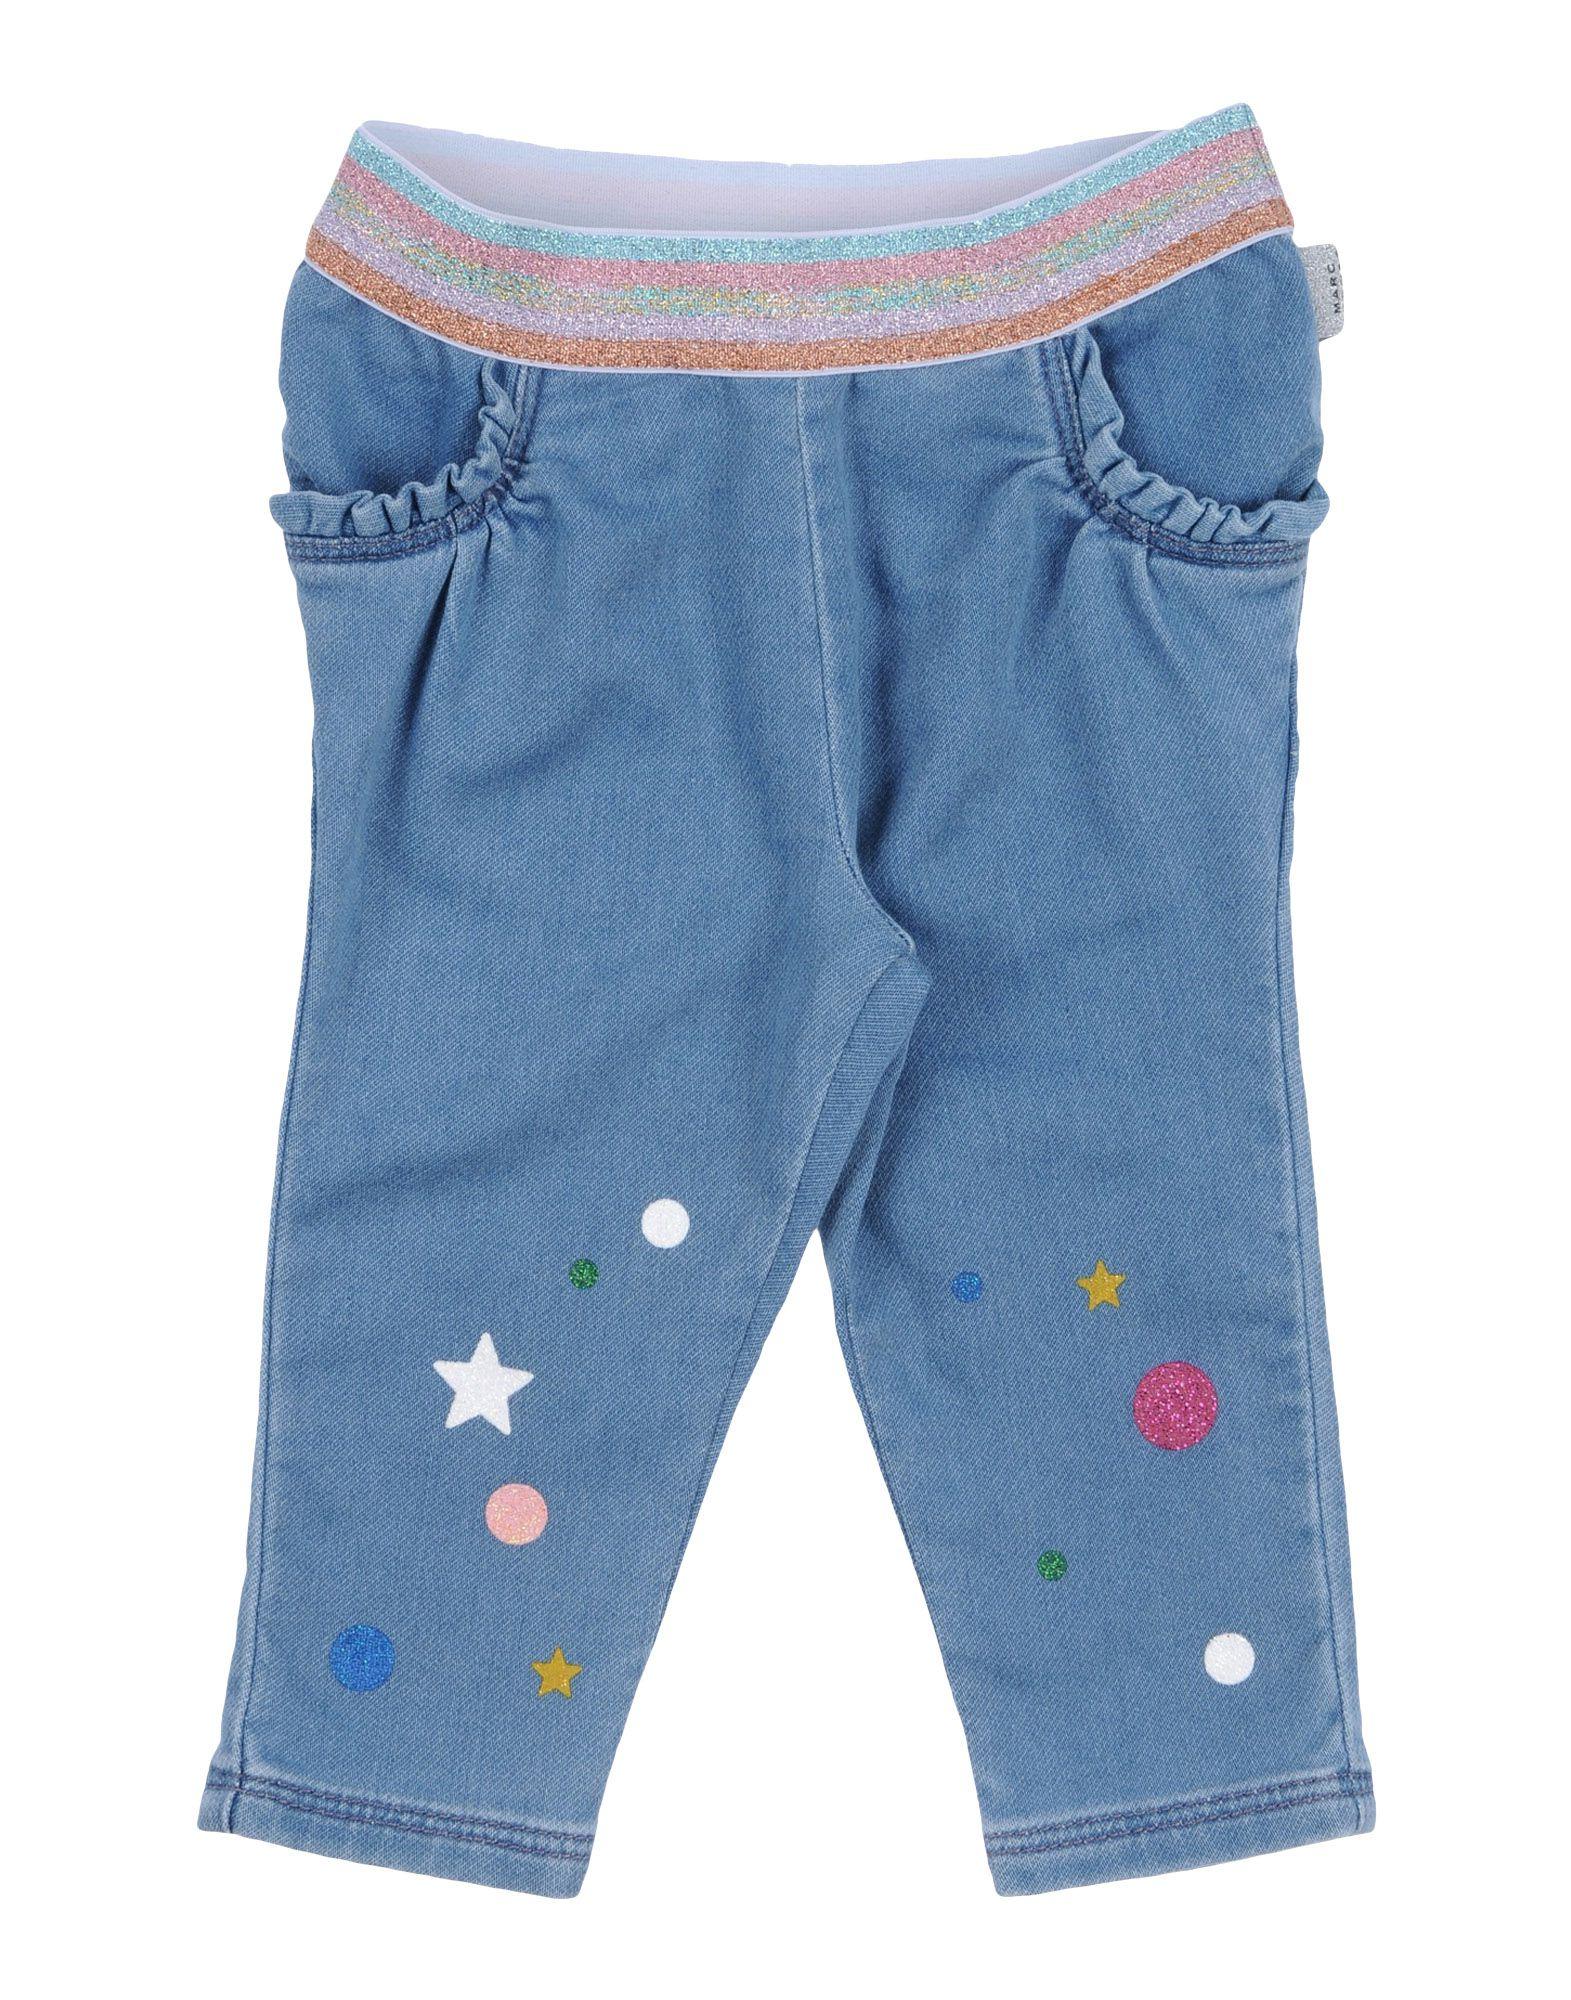 LITTLE MARC JACOBS Джинсовые брюки спортивные брюки серые little marc jacobs ут 00007281 page 8